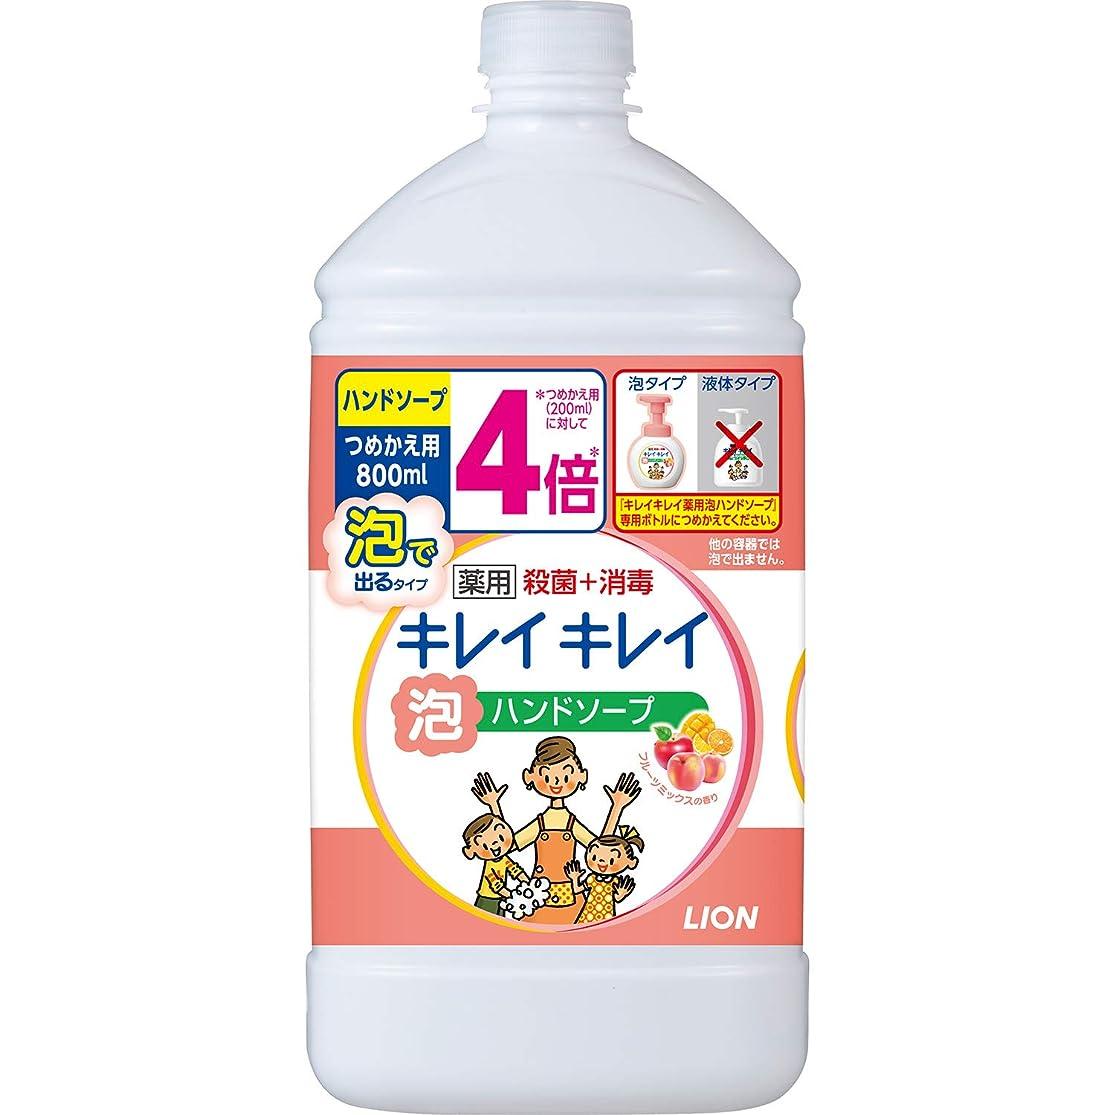 熱心ピザパン屋(医薬部外品)【大容量】キレイキレイ 薬用 泡ハンドソープ フルーツミックスの香り 詰め替え用 800ml